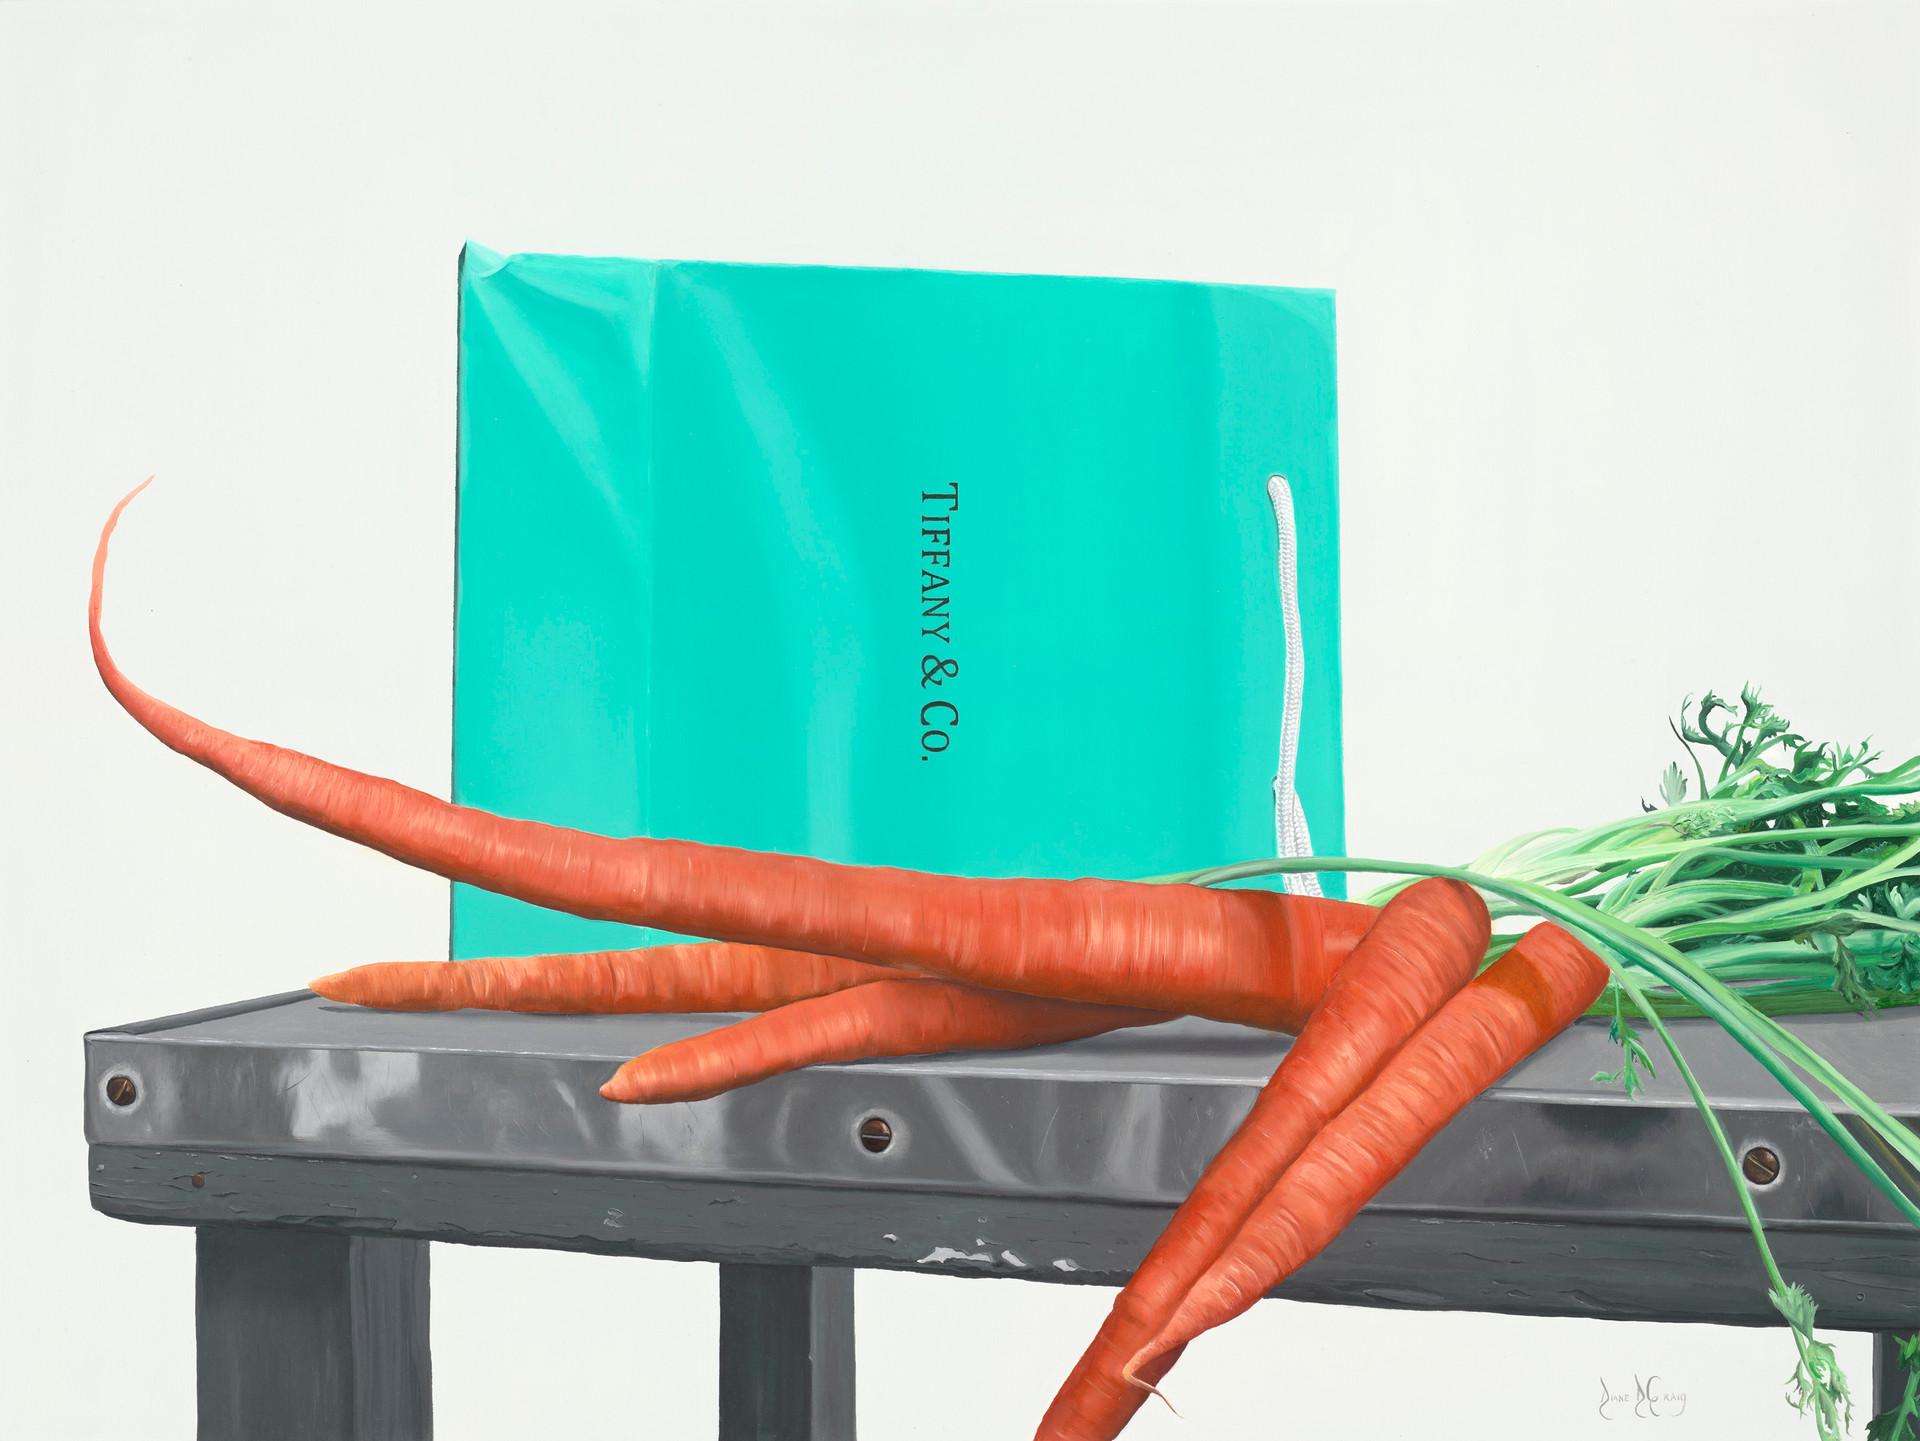 The 5 Carrot Misunderstanding